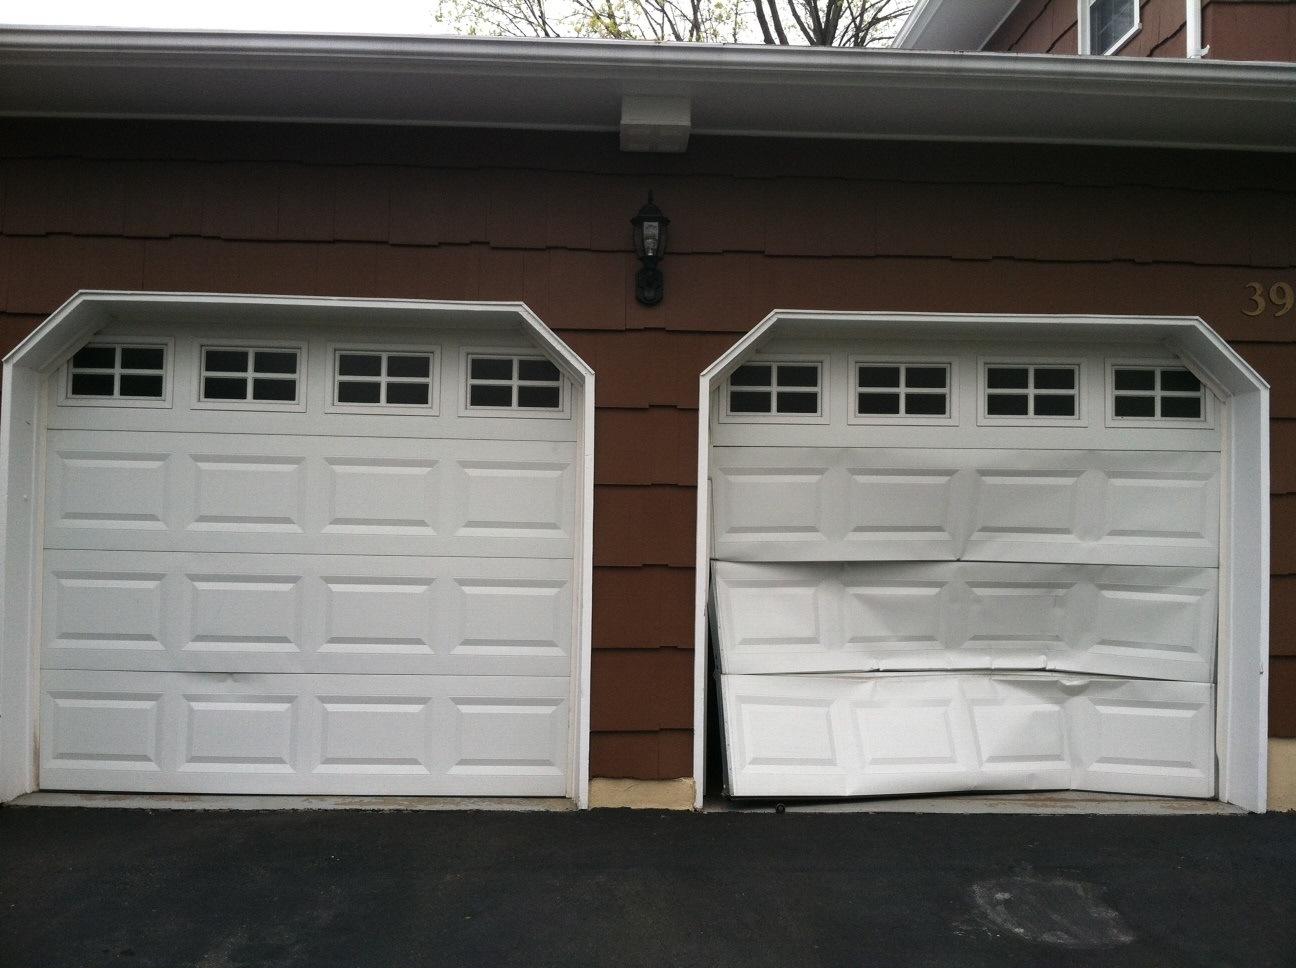 garage door repair rio rancho nm - contact us